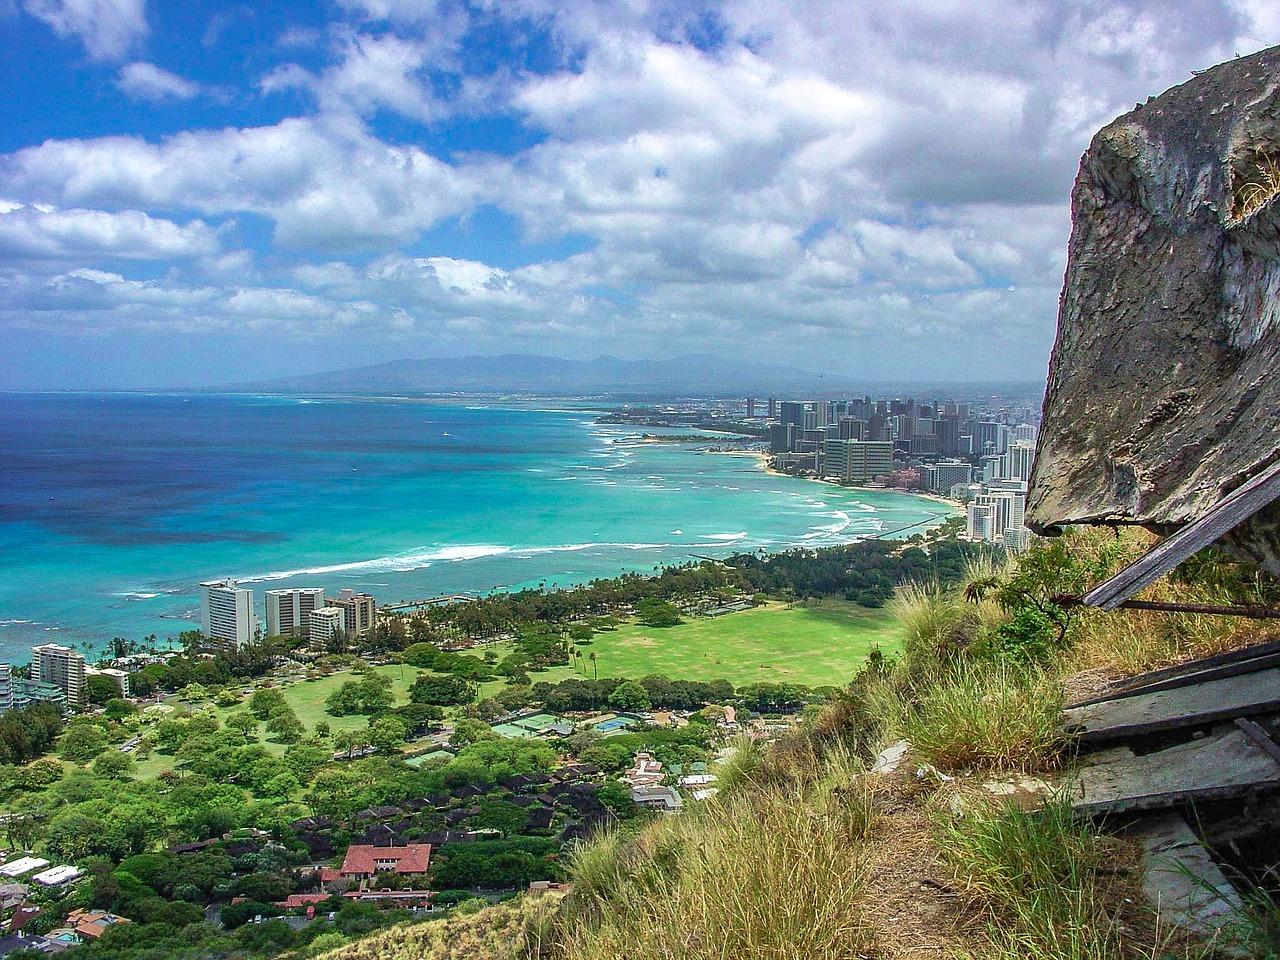 Hawaii vakantie boeken? Bibi ging naar Oahu